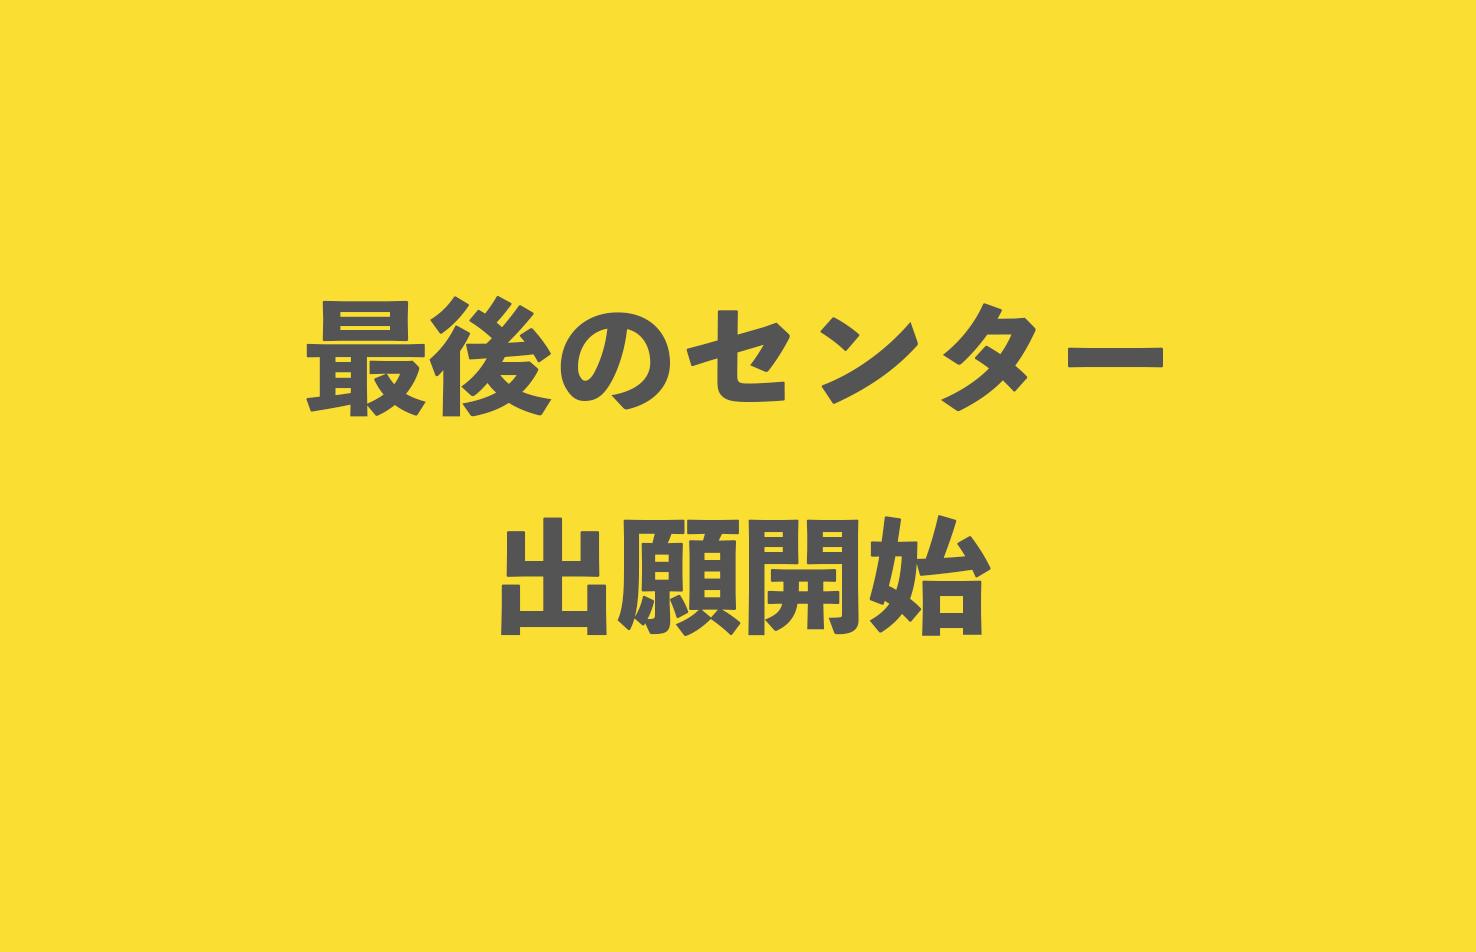 """最後のセンター出願開始style=""""display:"""